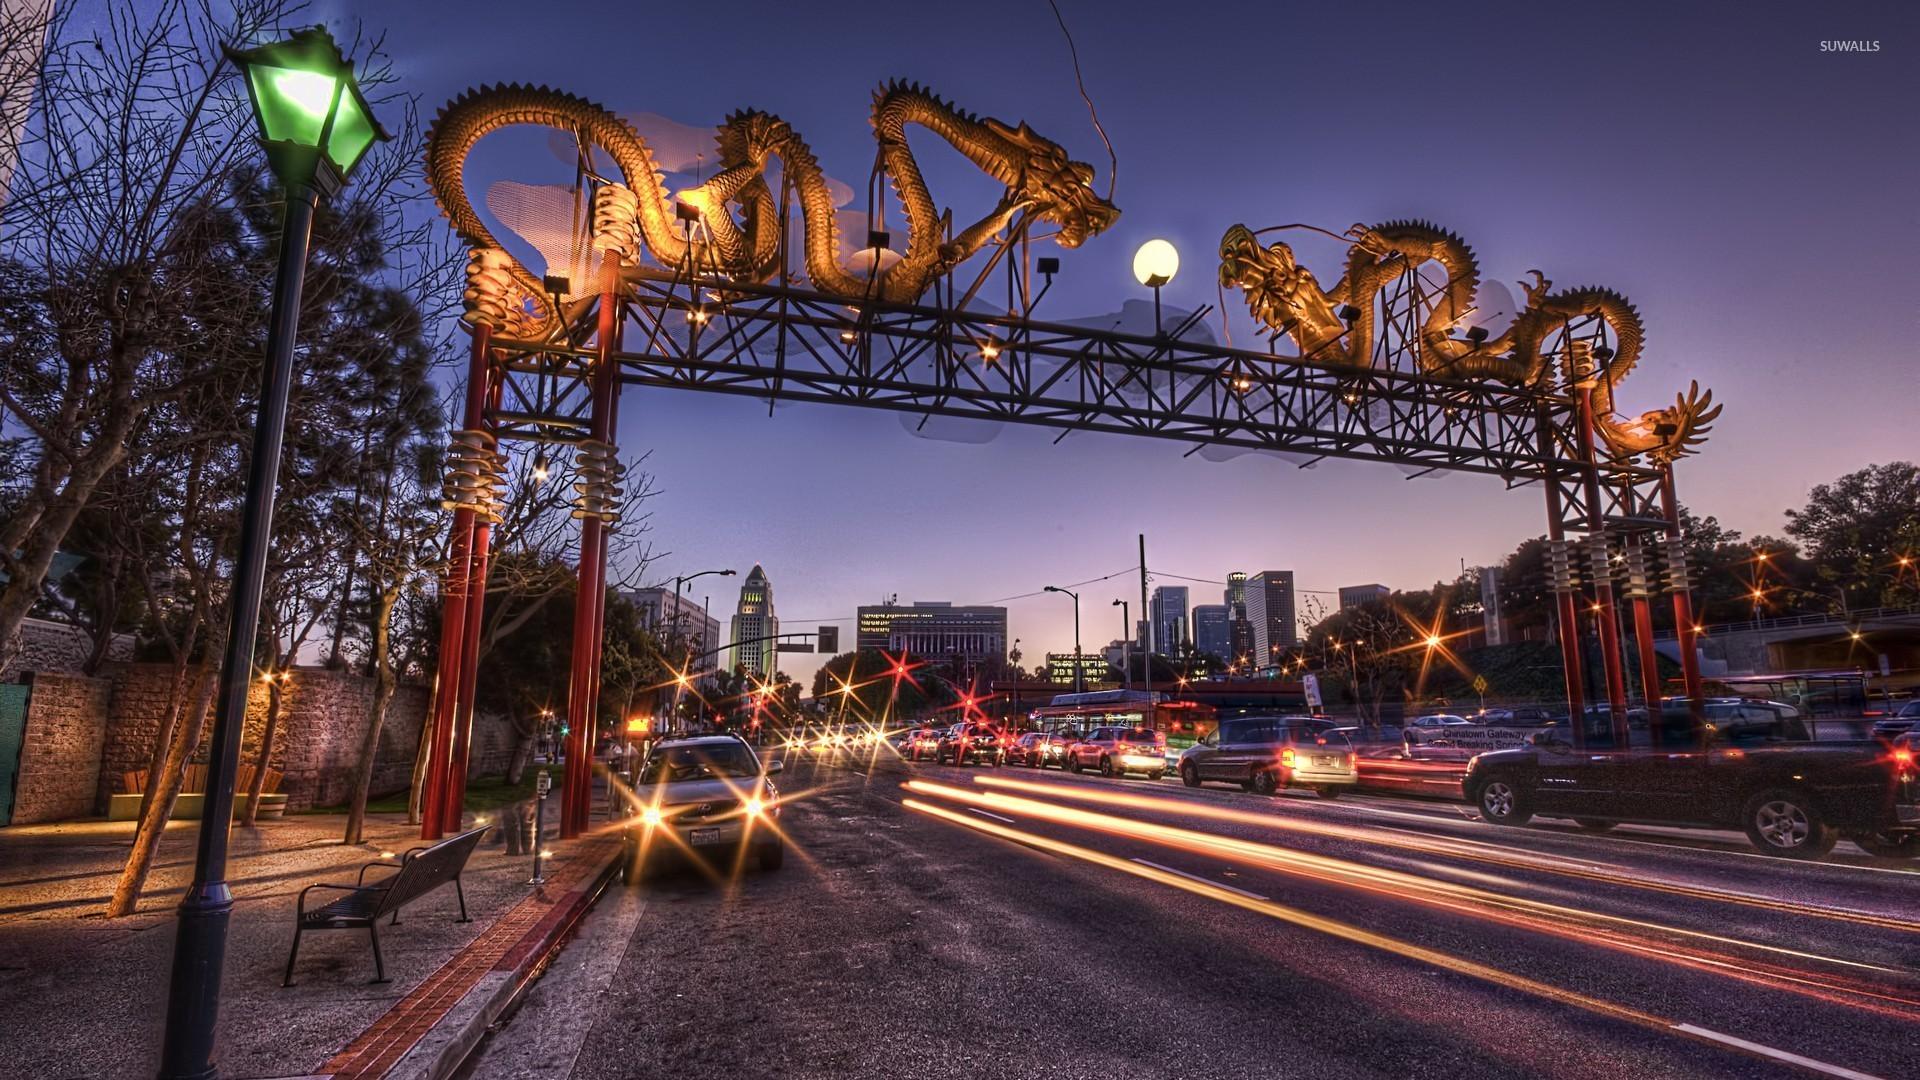 Los Angeles Wallpaper Iphone 6 Plus Die 74 Besten Los Angeles Wallpapers